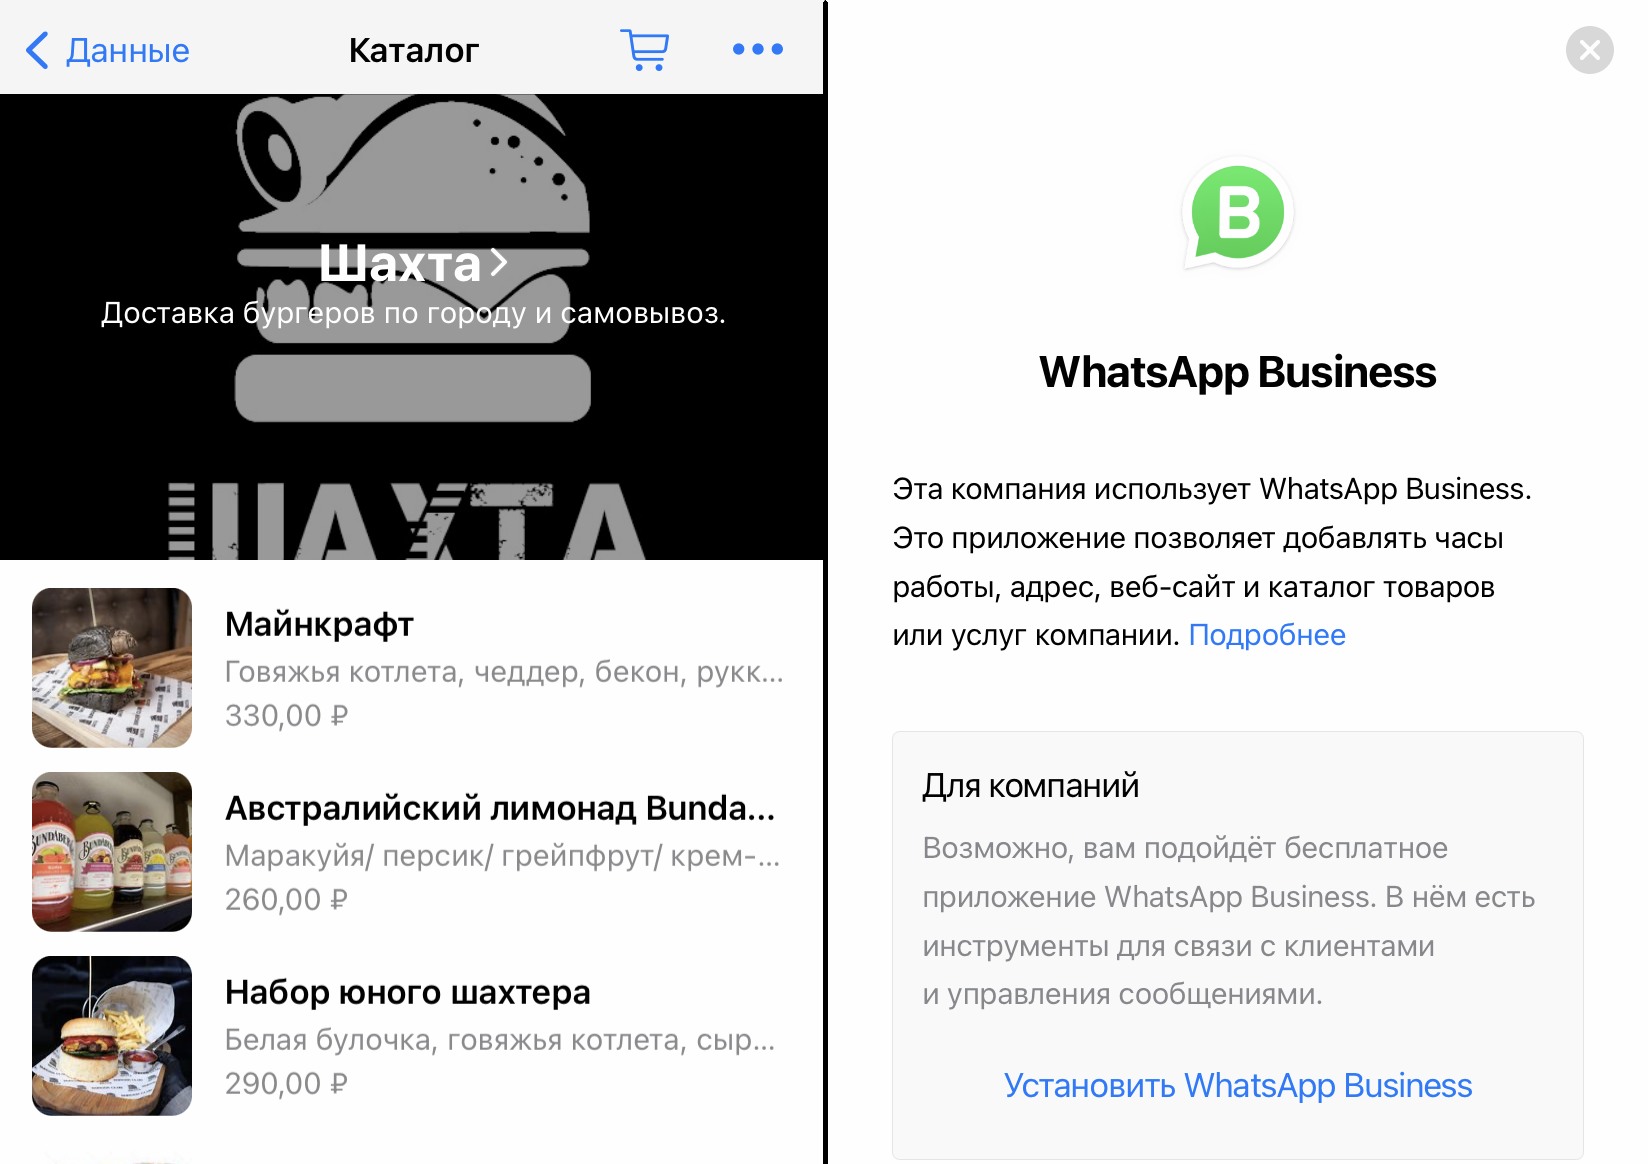 WhatsApp Business позволяет удобно организовать коммуникацию с клиентами в мессенджере